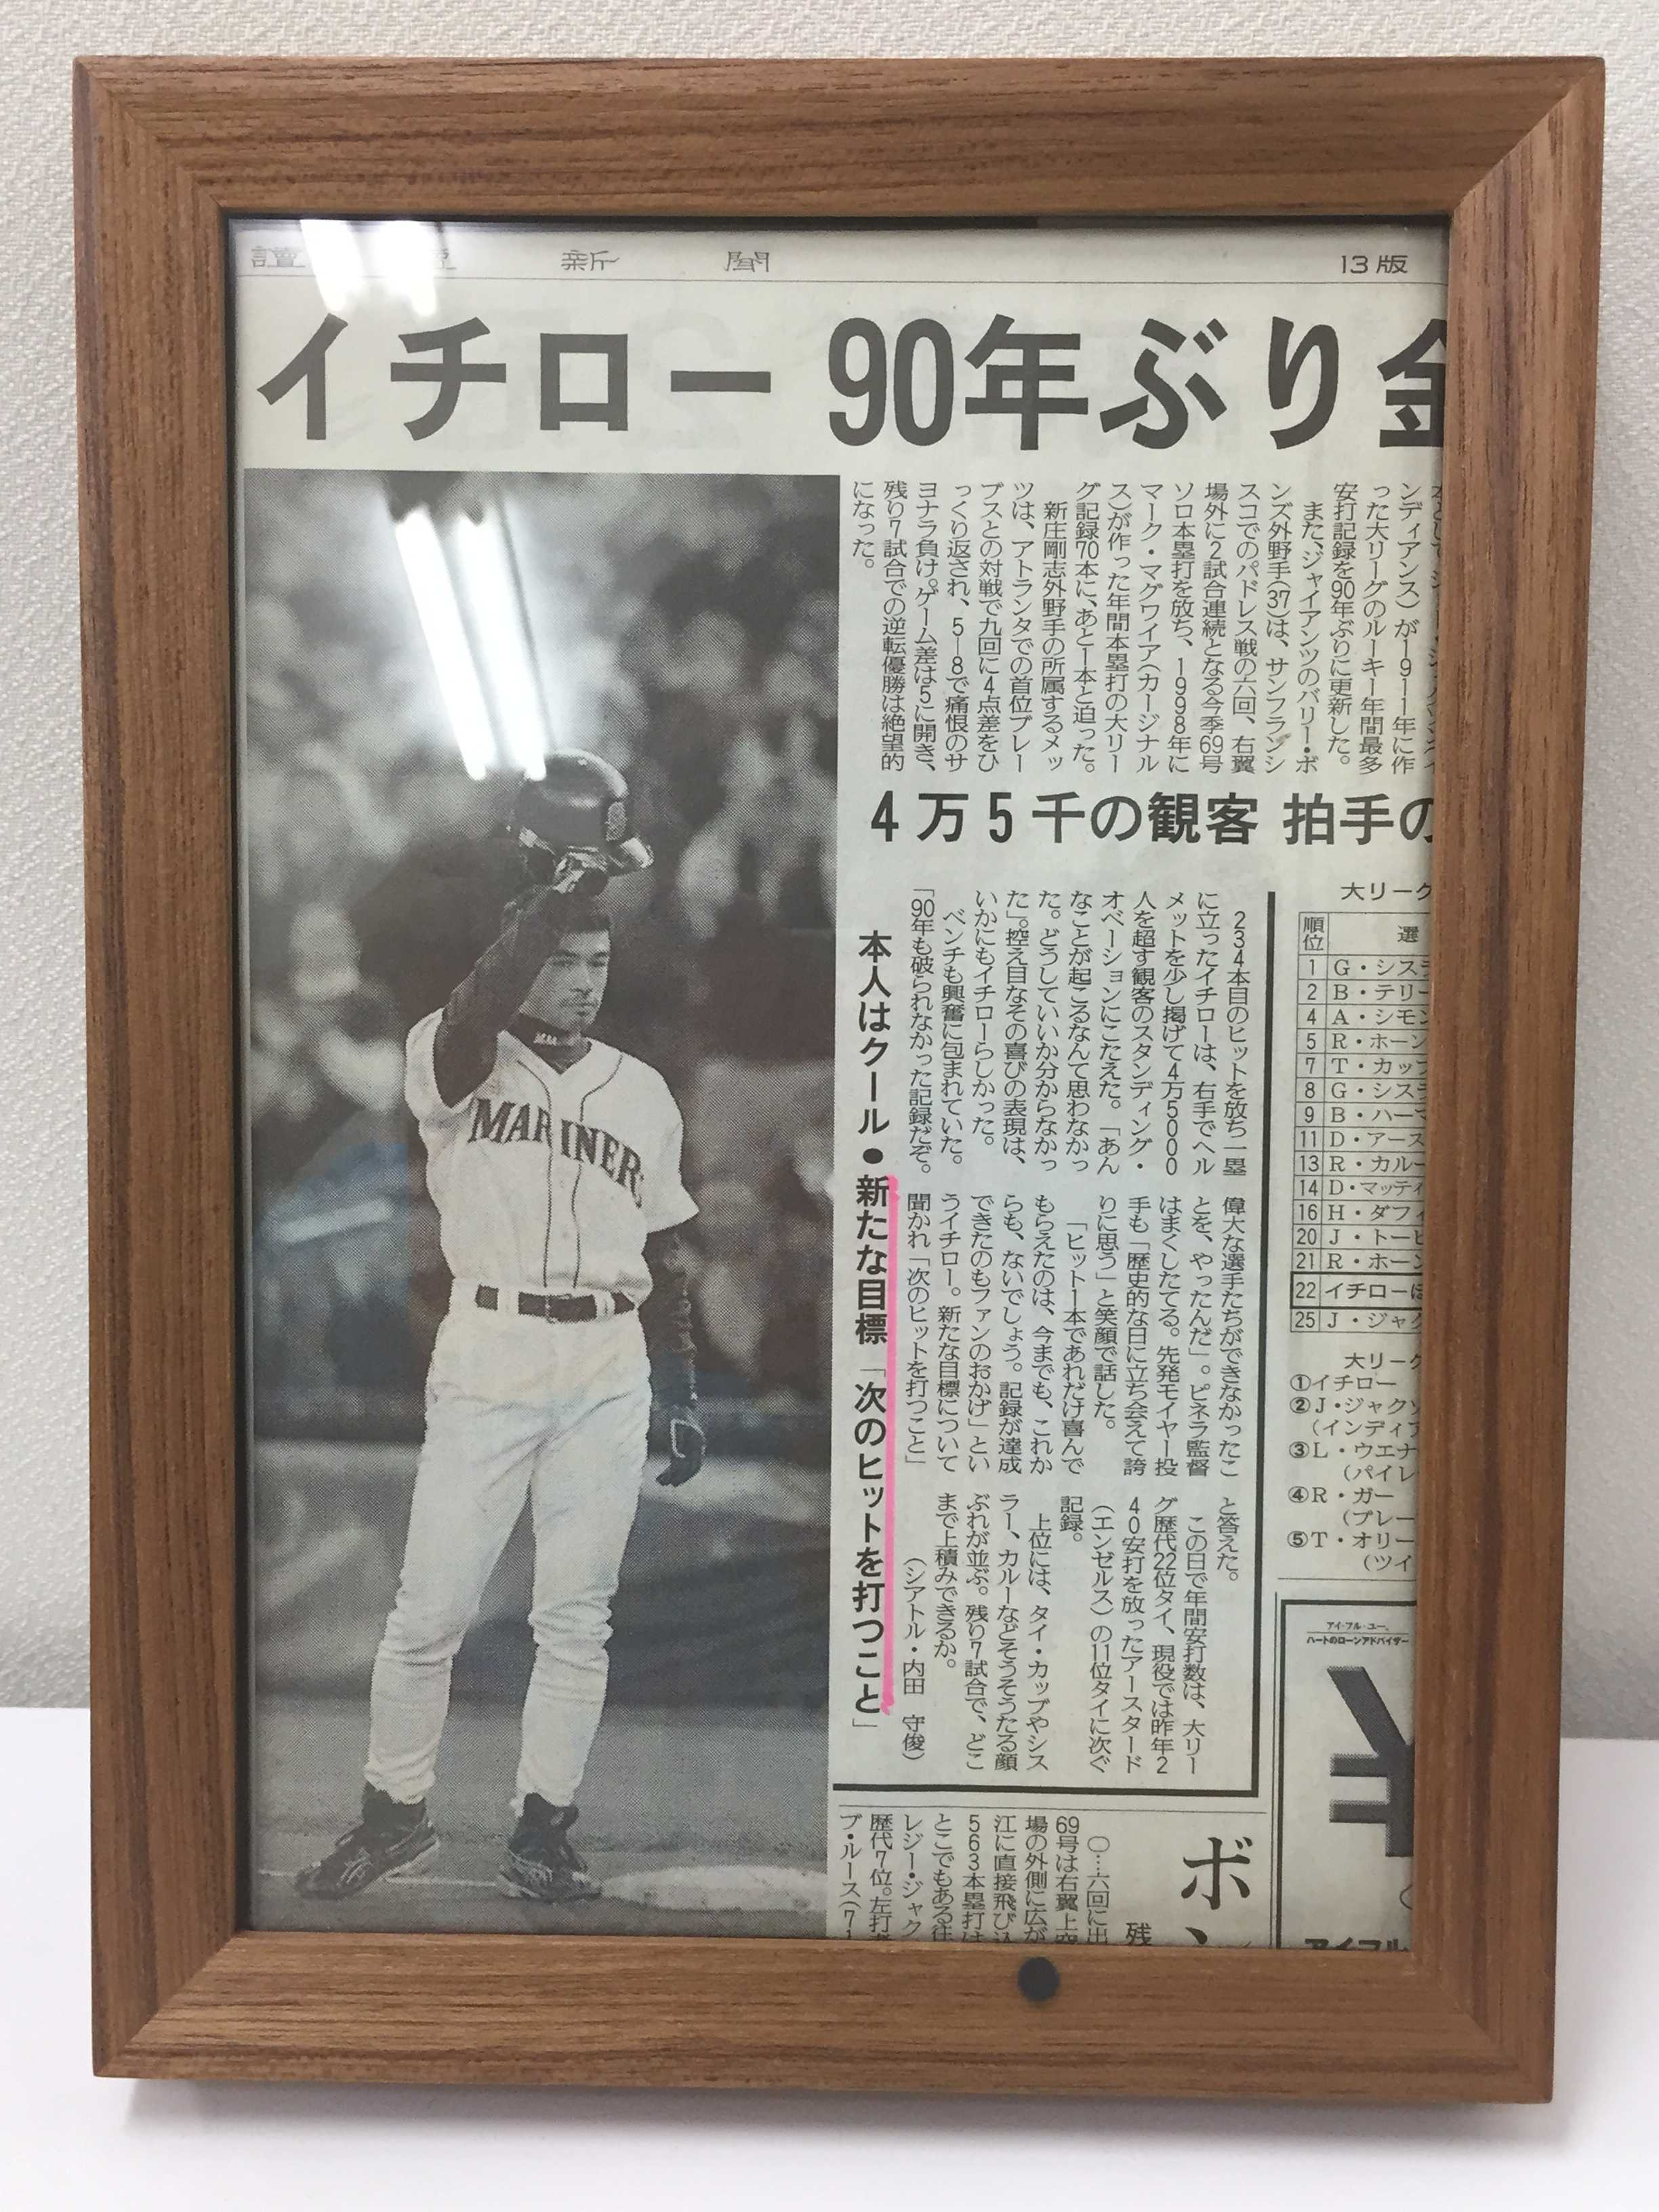 イチロー引退 ありがとうイチロー 平成最高のプロ野球選手の名言 次